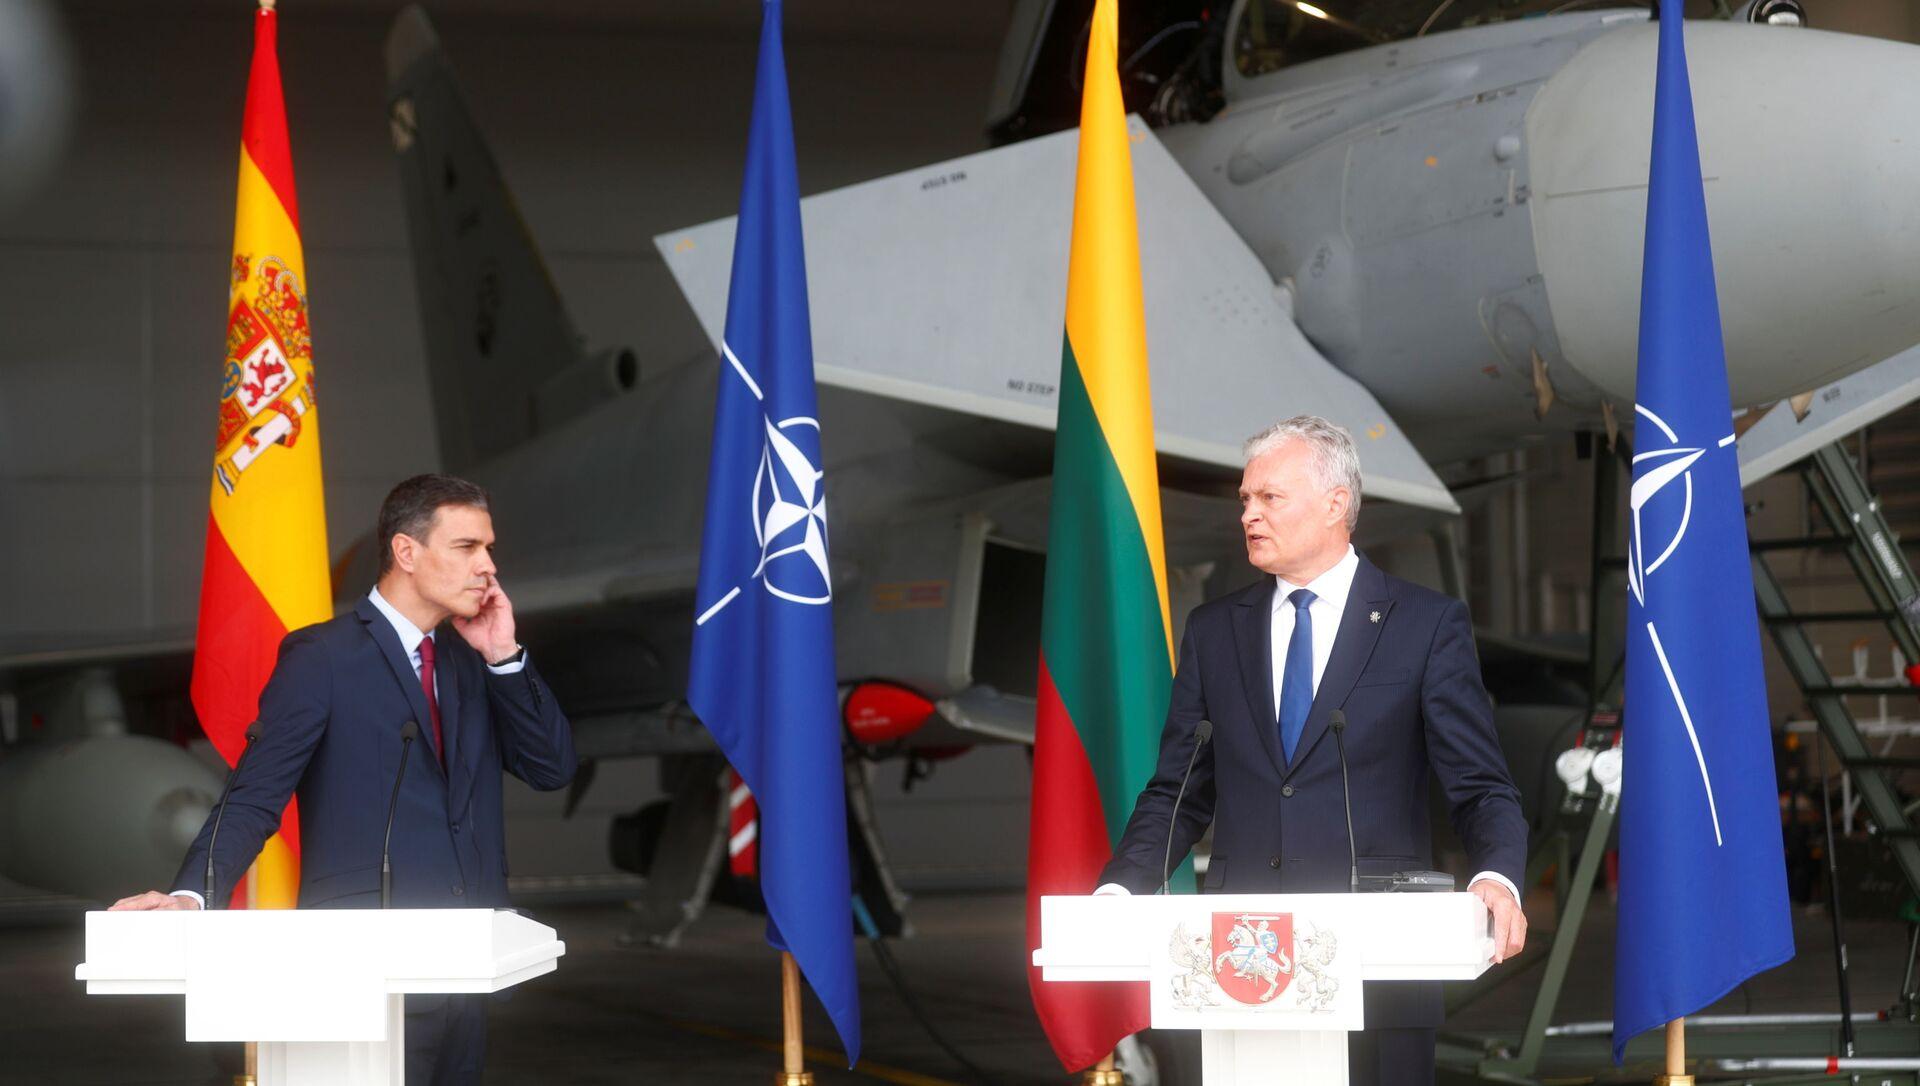 Thủ tướng Tây Ban Nha Pedro Sanchez và Tổng thống Litva Gitanas Nauseda tham dự một cuộc họp báo tại căn cứ không quân Siauliai, Litva ngày 8 tháng 7 năm 2021. REUTERS / IntsKalnins - Sputnik Việt Nam, 1920, 08.07.2021